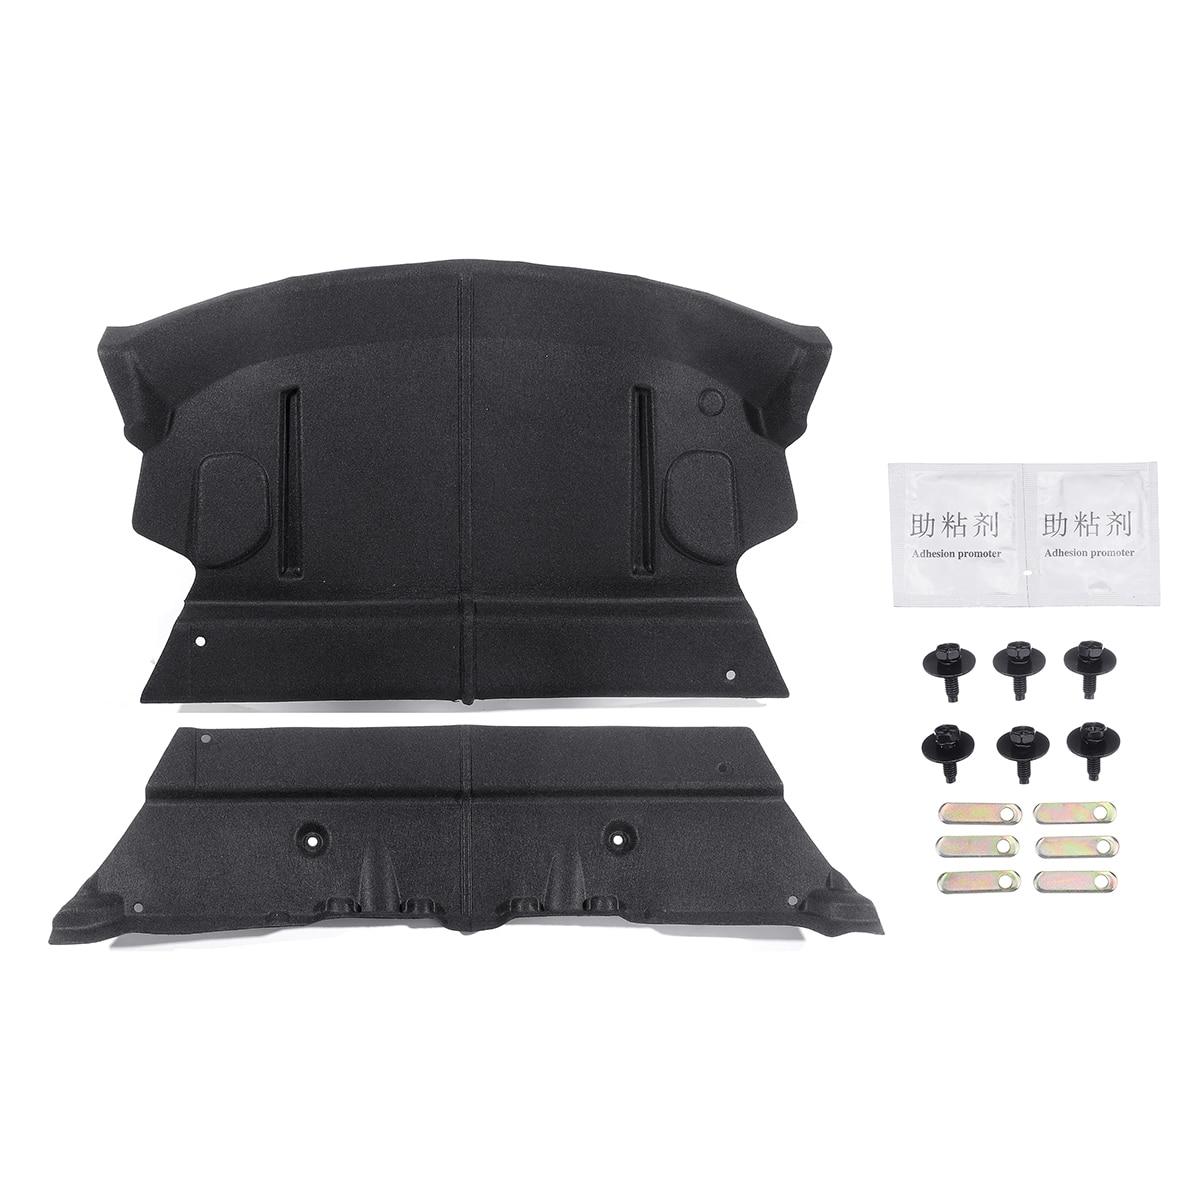 Tapis de coton insonorisé de coffre arrière de voiture amélioré pour Tesla modèle 3 insonorisant tapis de protection accessoires de voiture